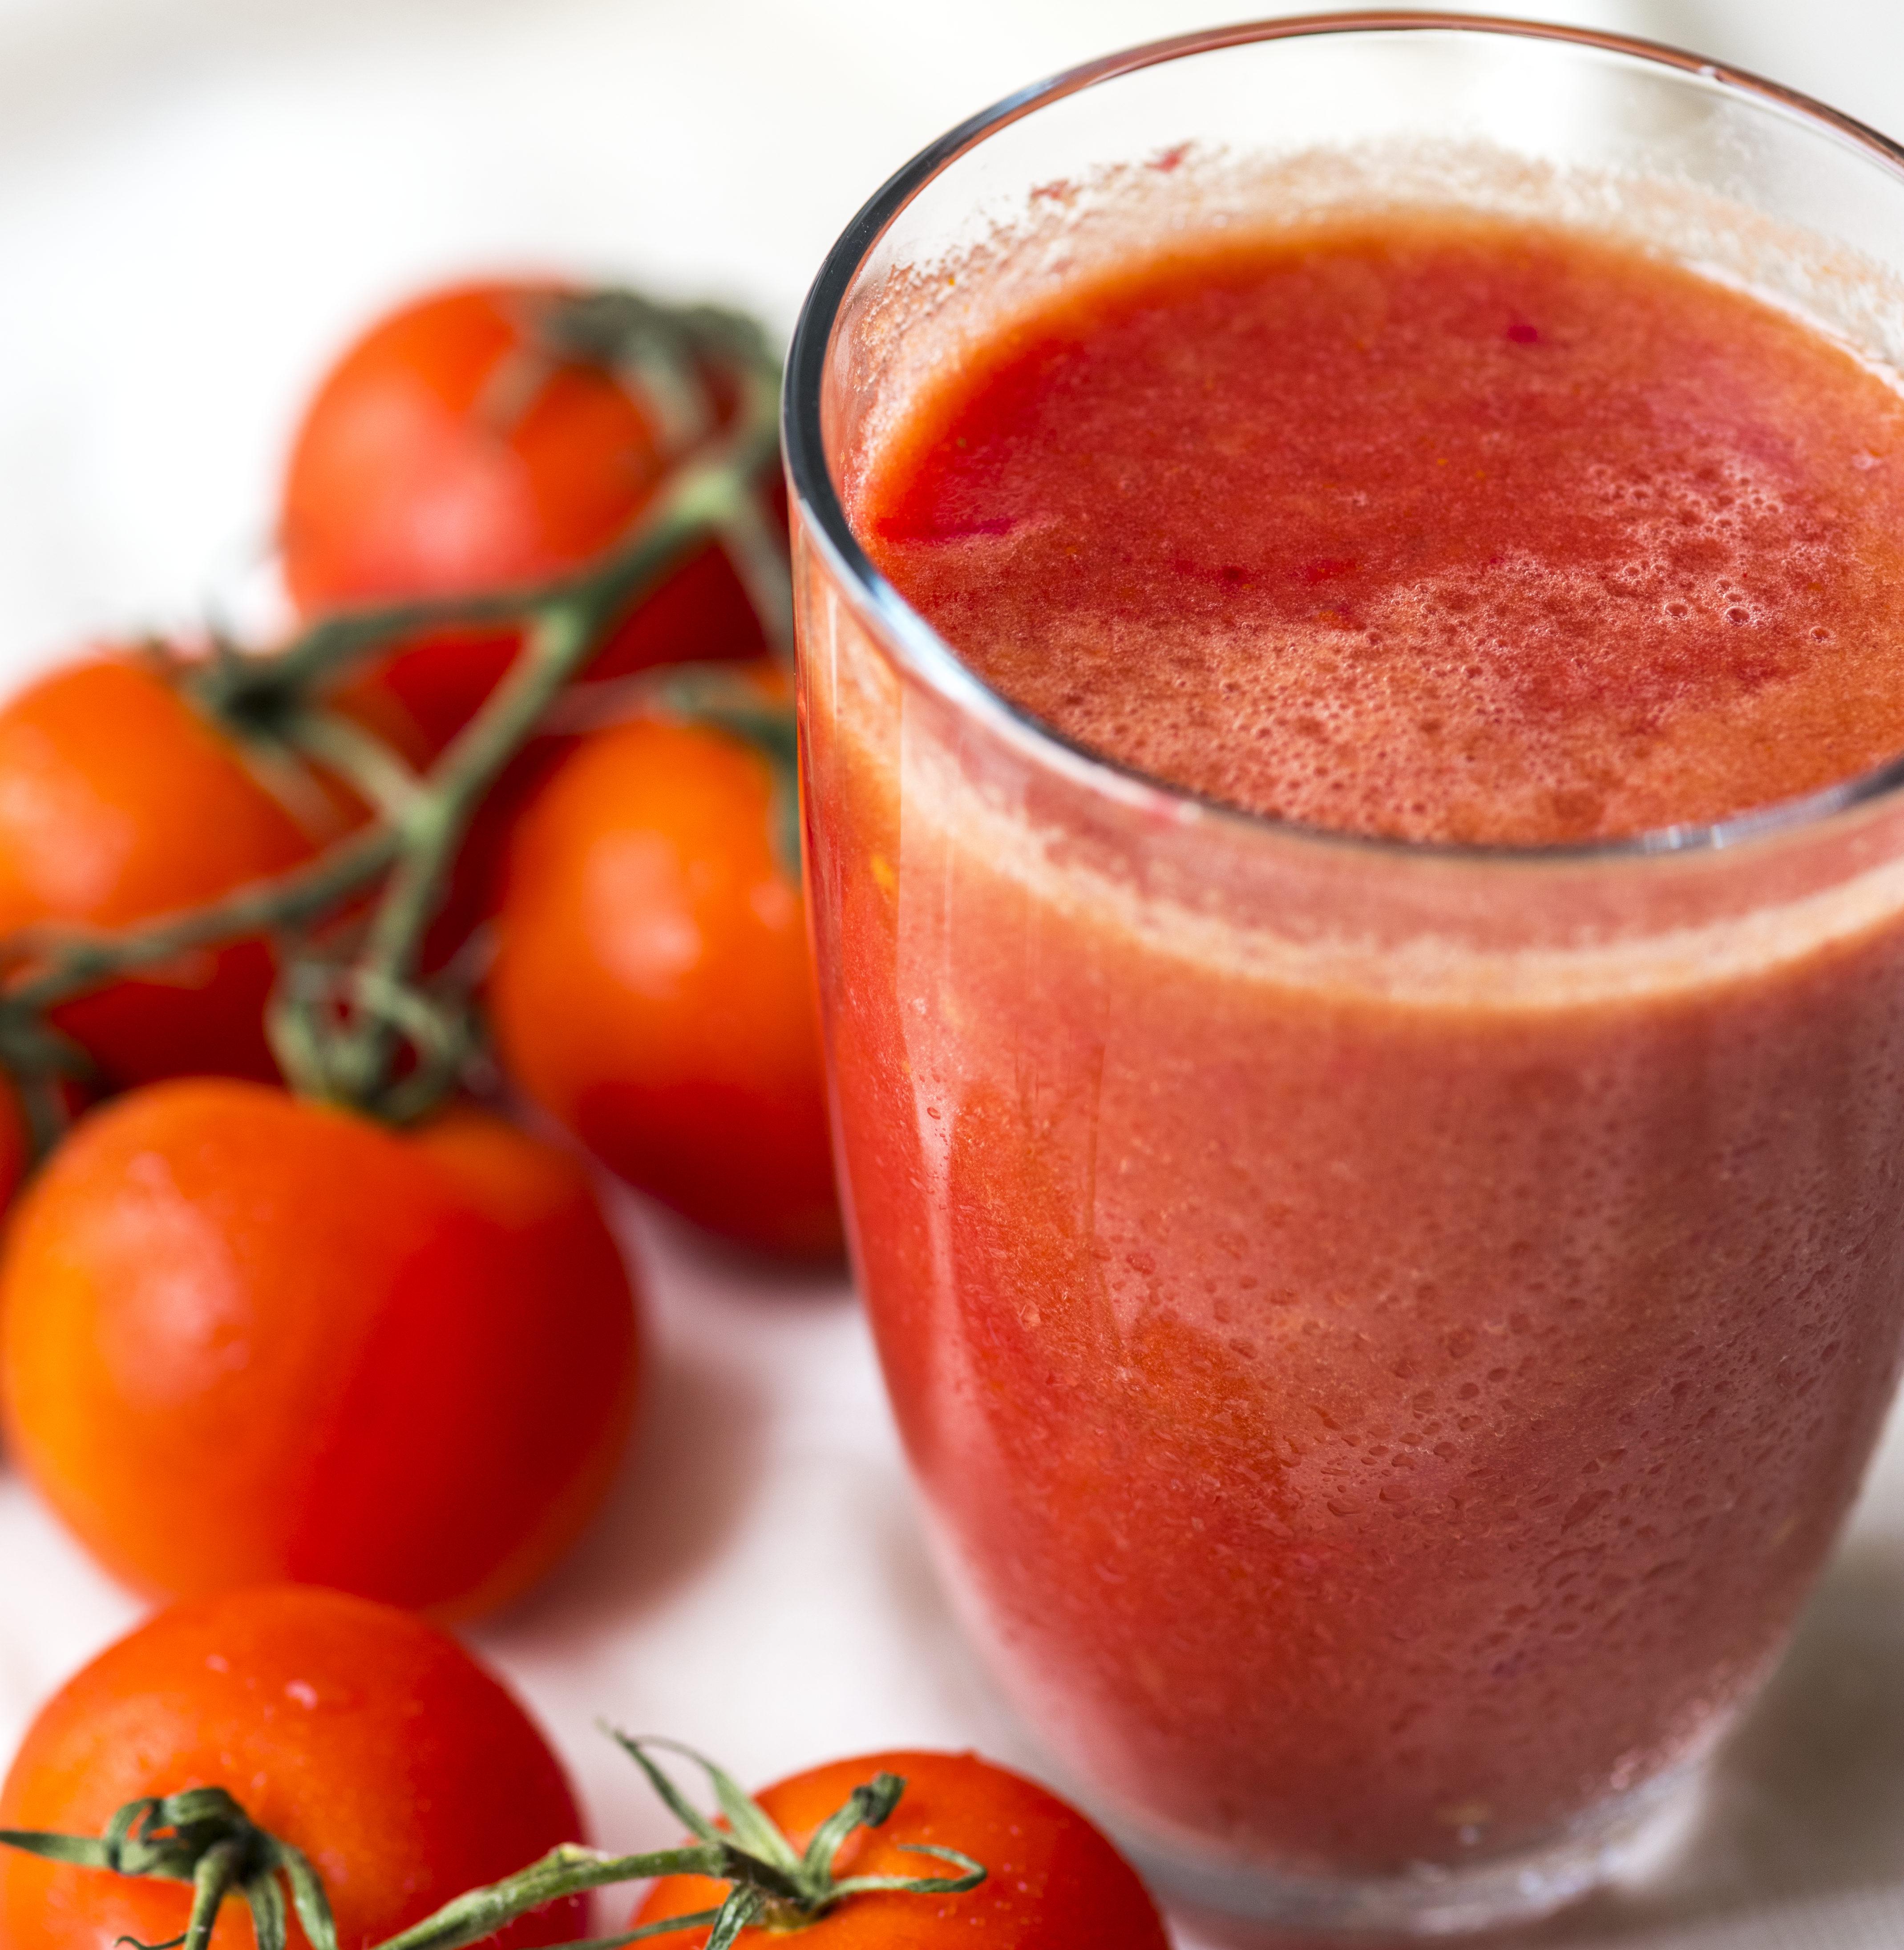 Сделать вкусный томатный сок в домашних услових